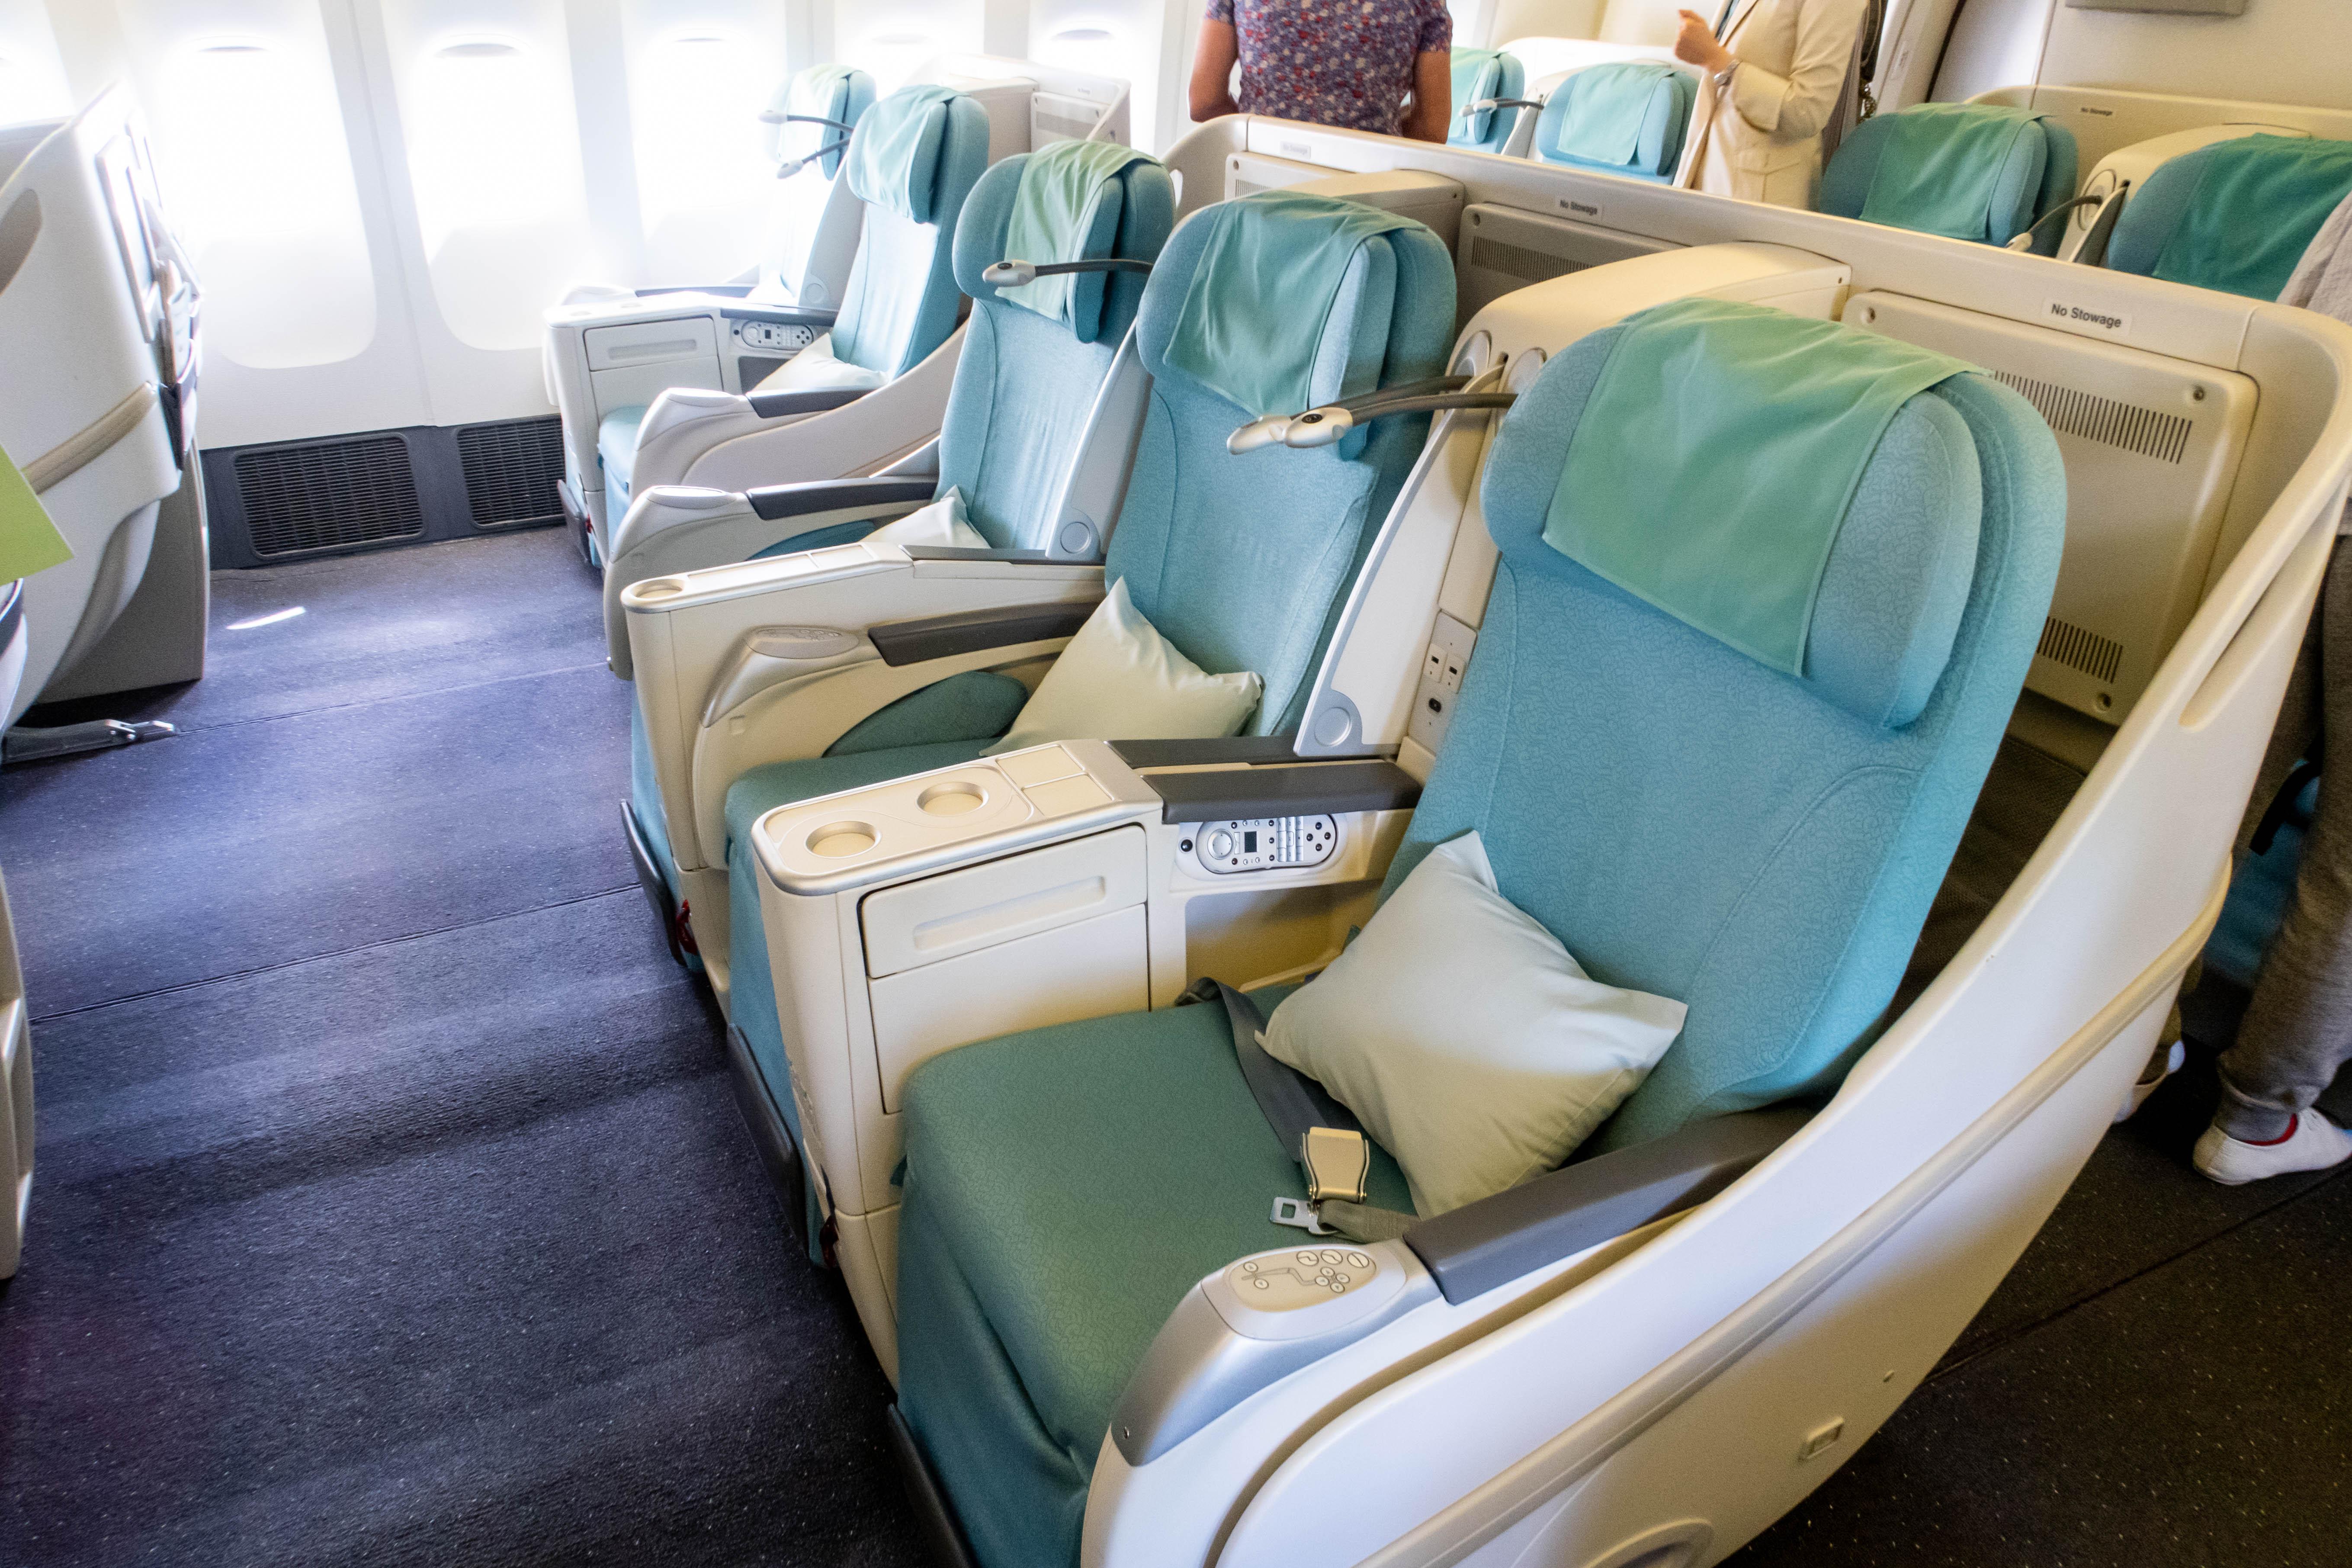 Korean Air Boeing 777-300 Business Class Cabin